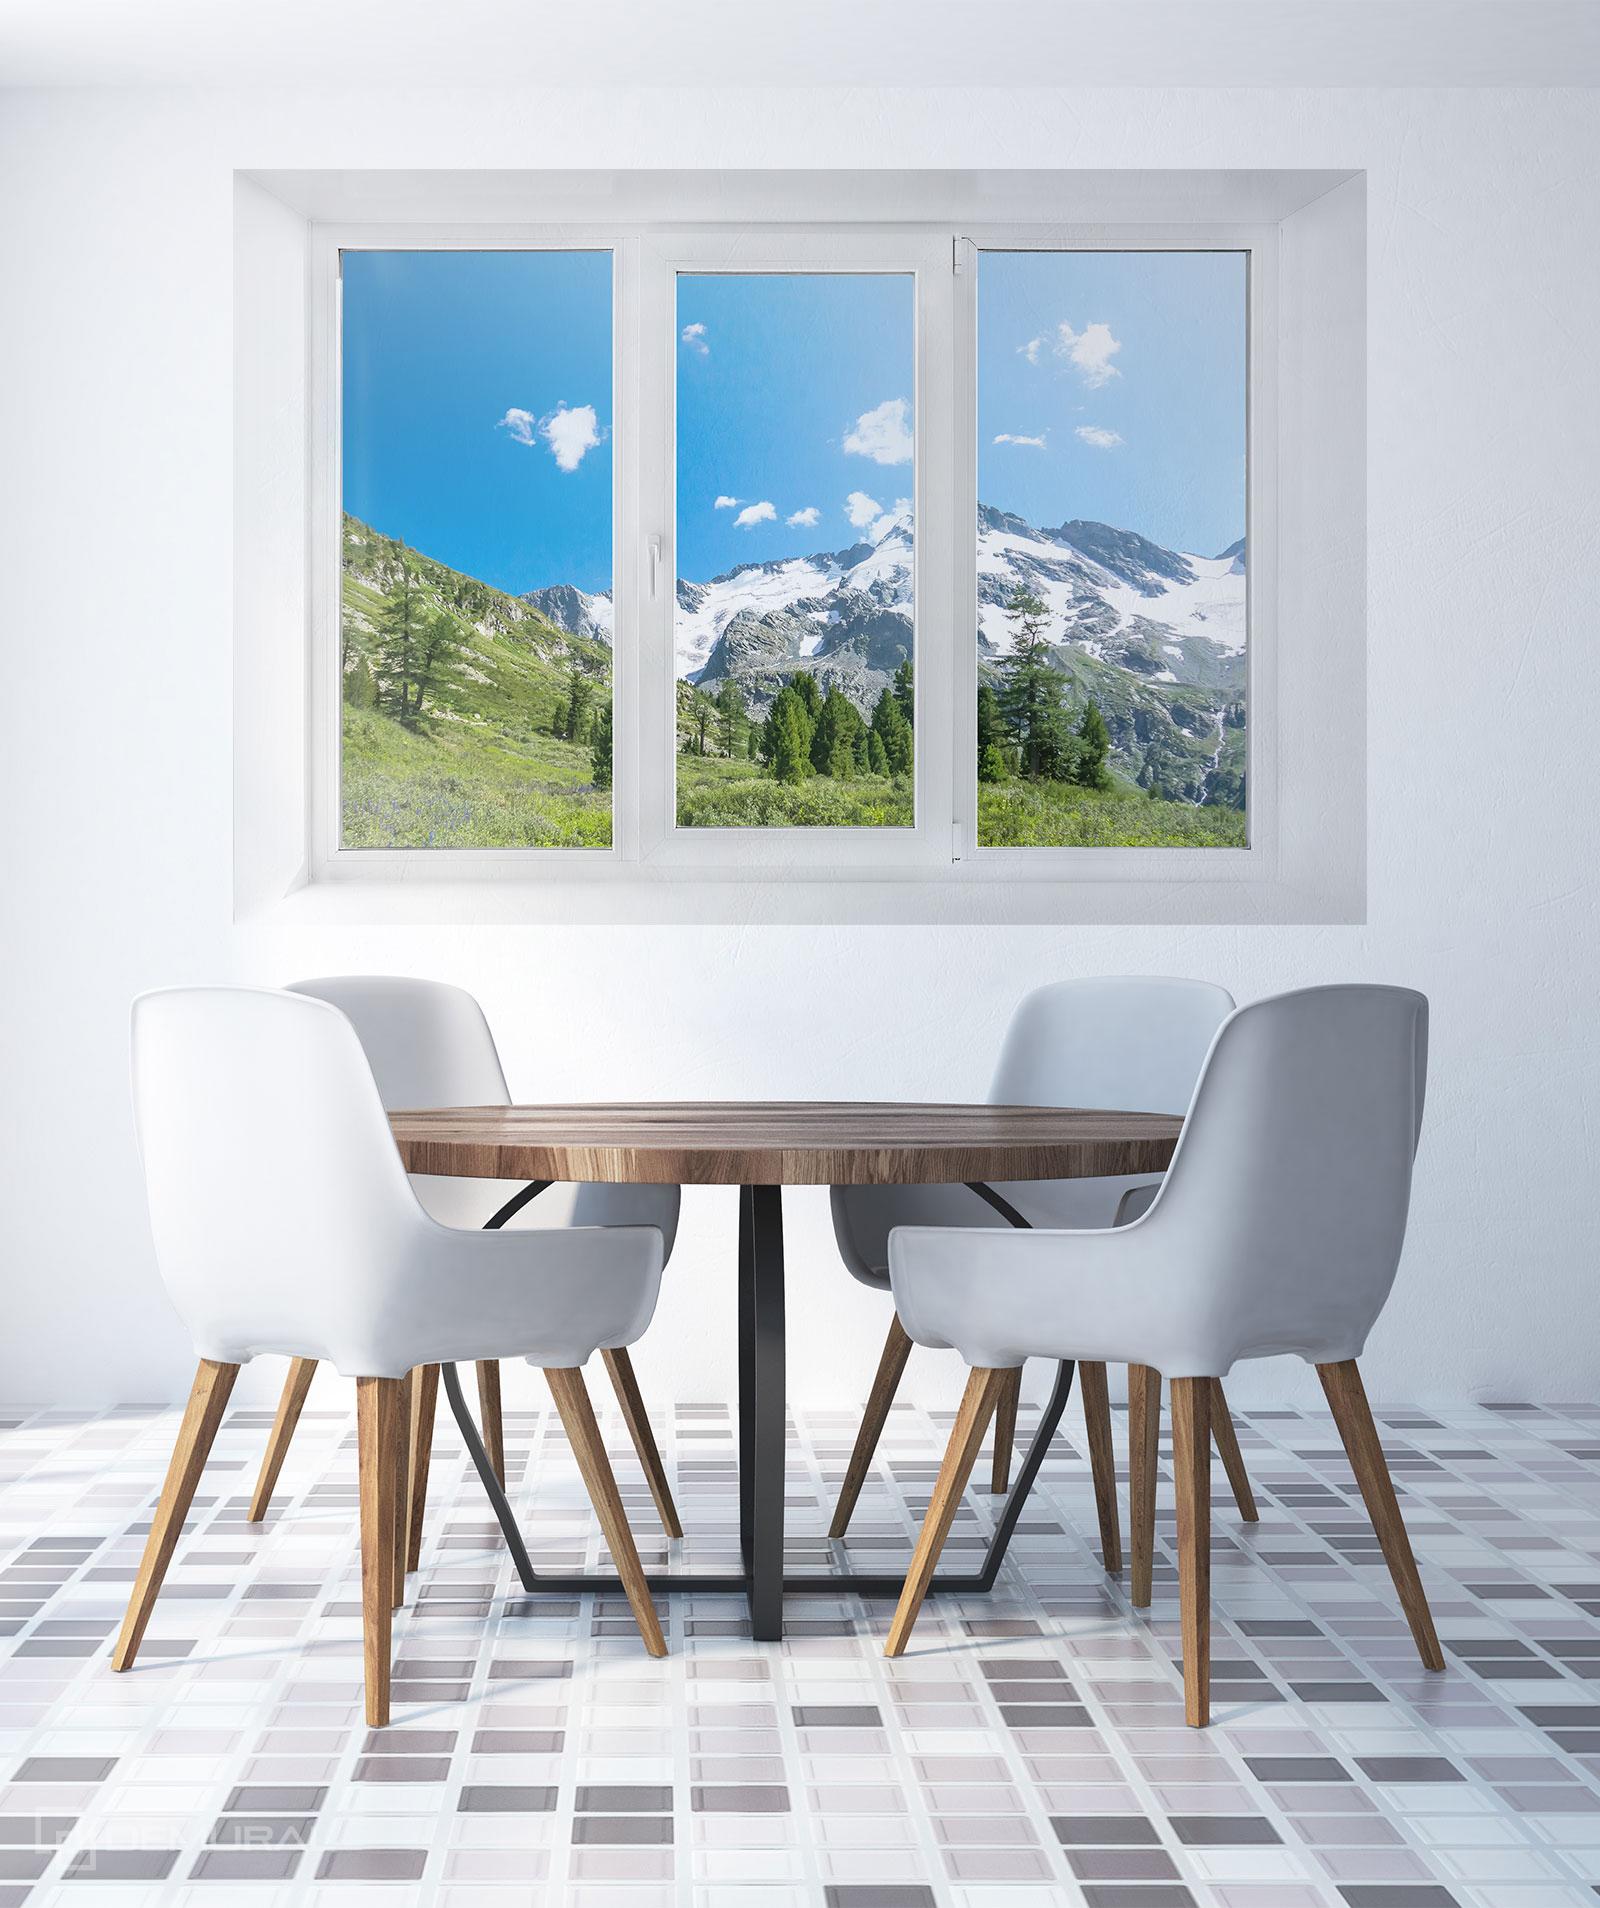 Papier peint Dans un chalet de montagne - Papier peint Fenêtre - Demural